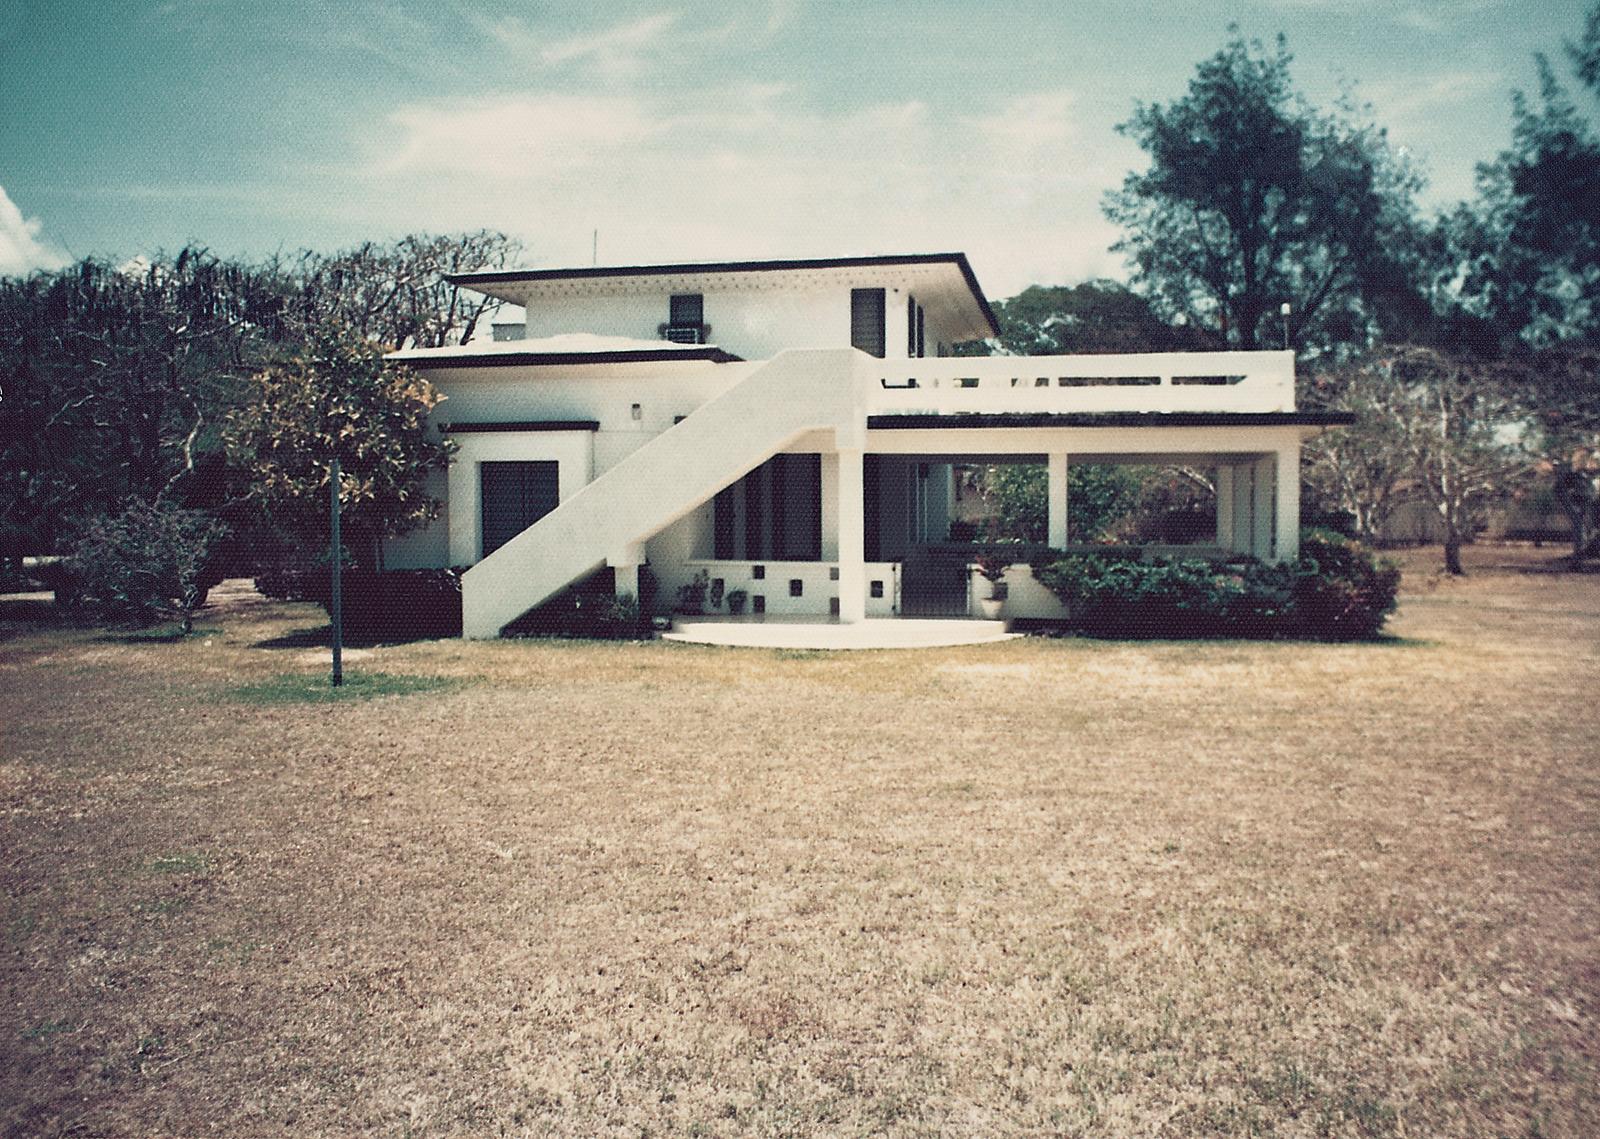 Dar Es Salaam - Recreation/Community Center/Gym/Theater - 1974